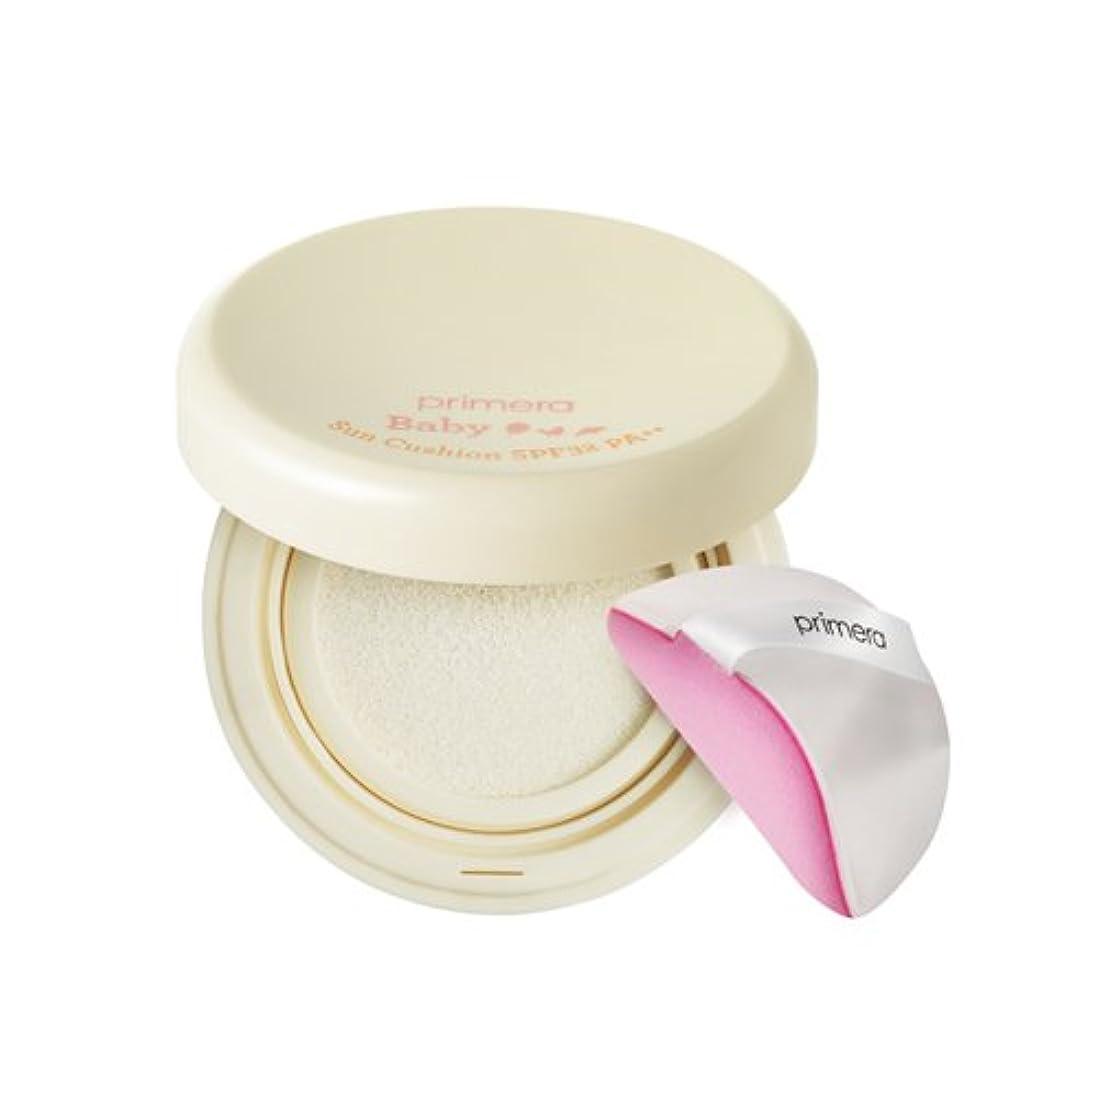 プロトタイプ大洪水宿題Korean Cosmetics Amorepacific Primera Baby Sun Cushion SPF32 PA++[並行輸入品]